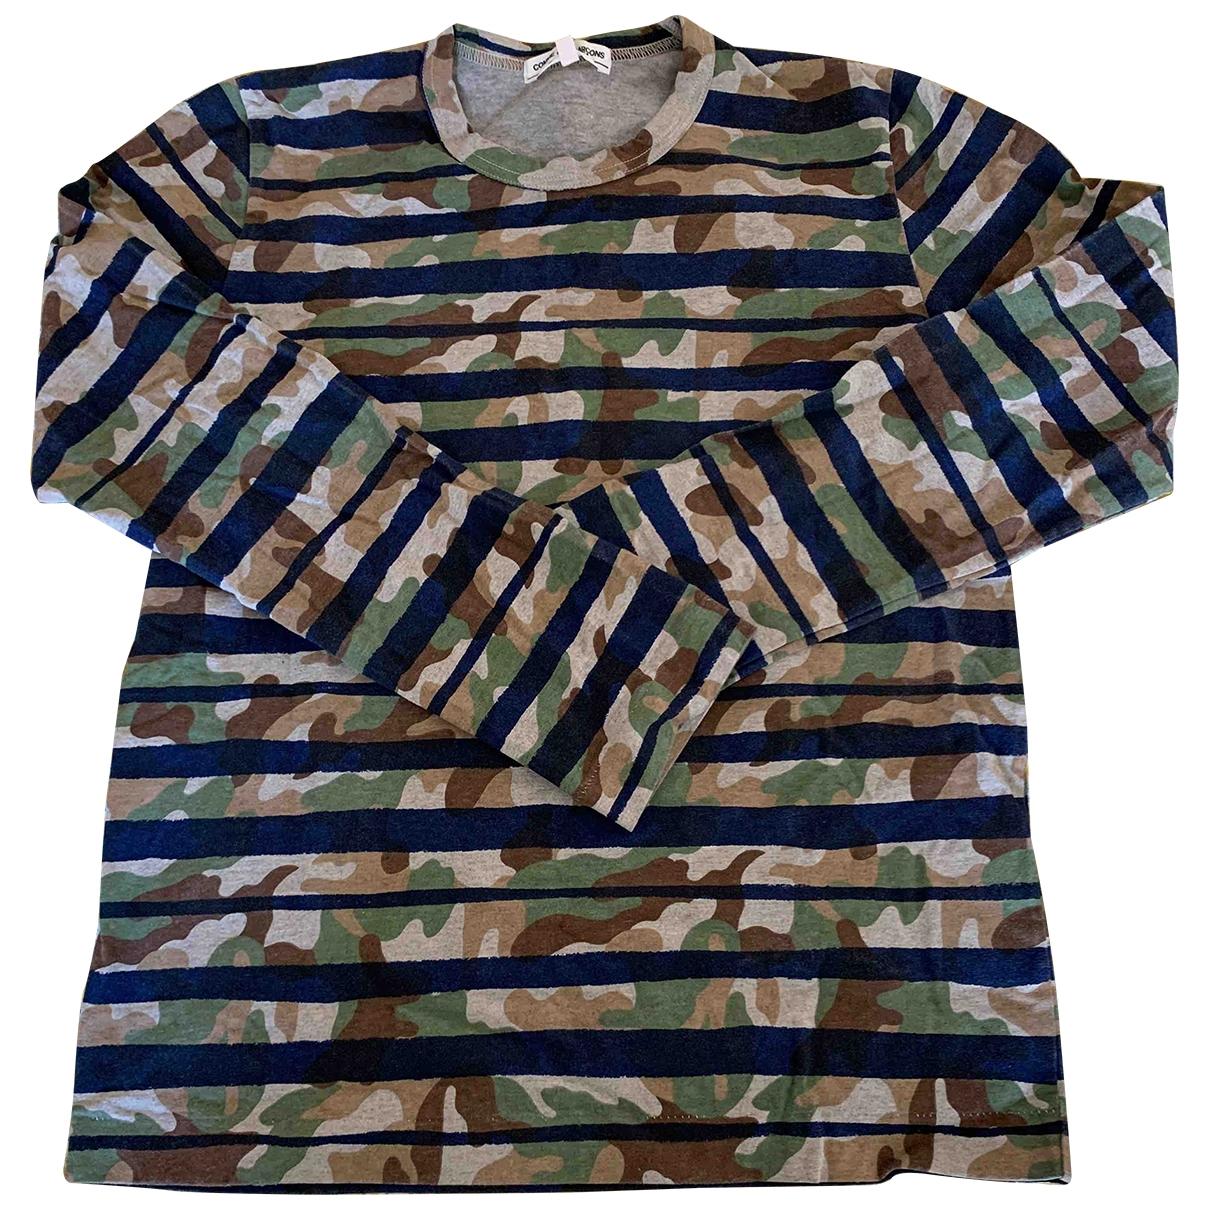 Comme Des Garcons - Tee shirts   pour homme en coton - multicolore